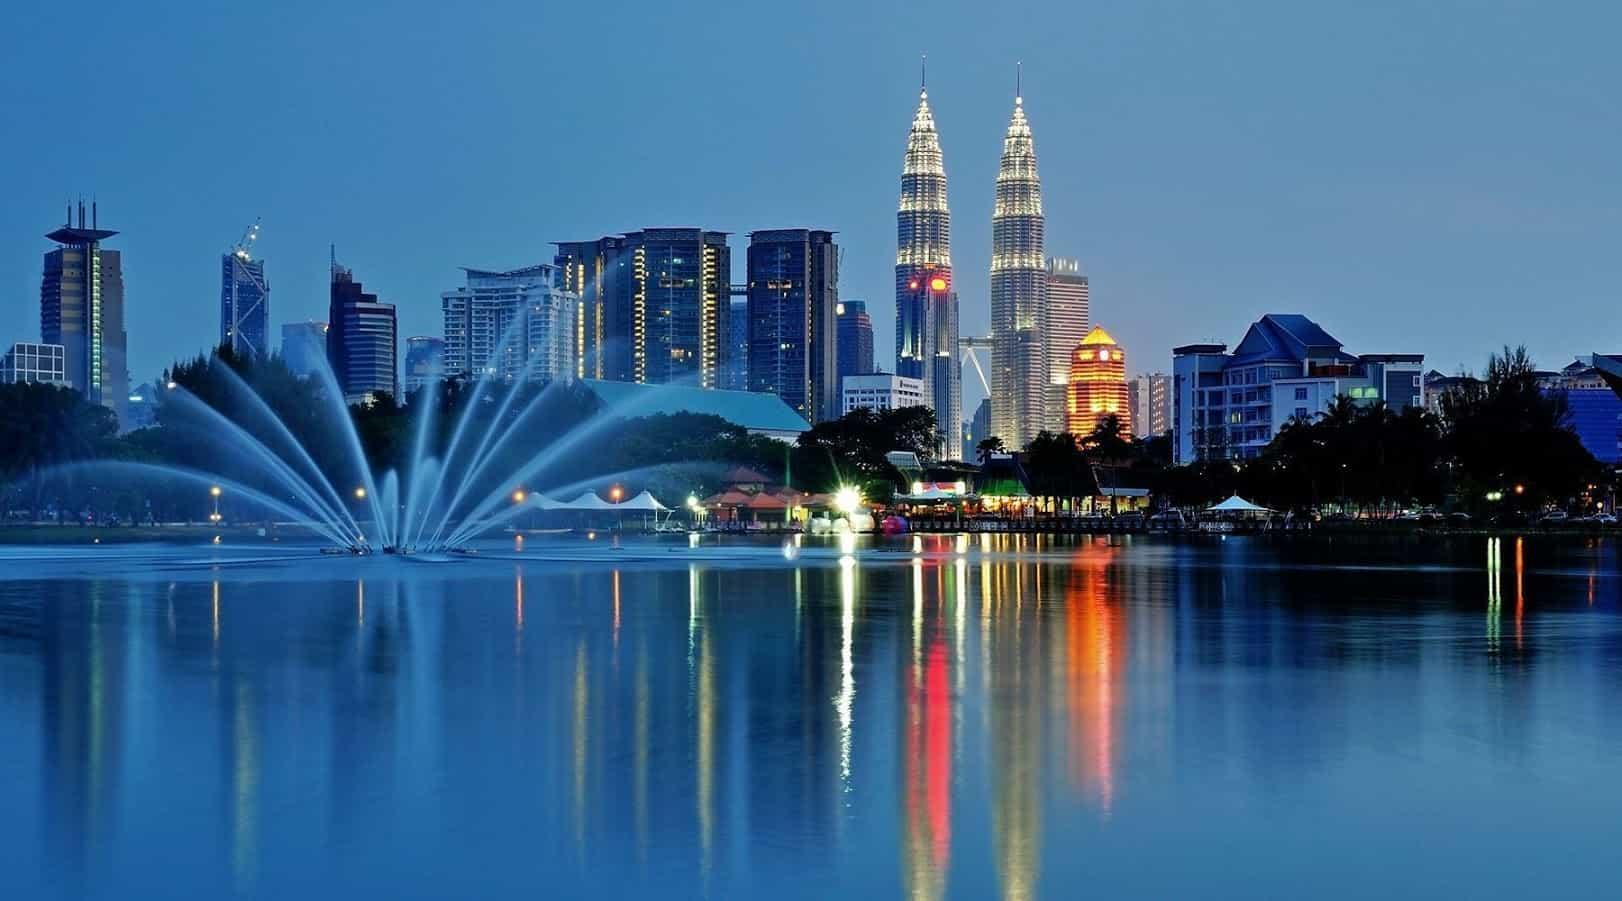 Du-lich-nuoc-ngoai-mua-he-malaysia